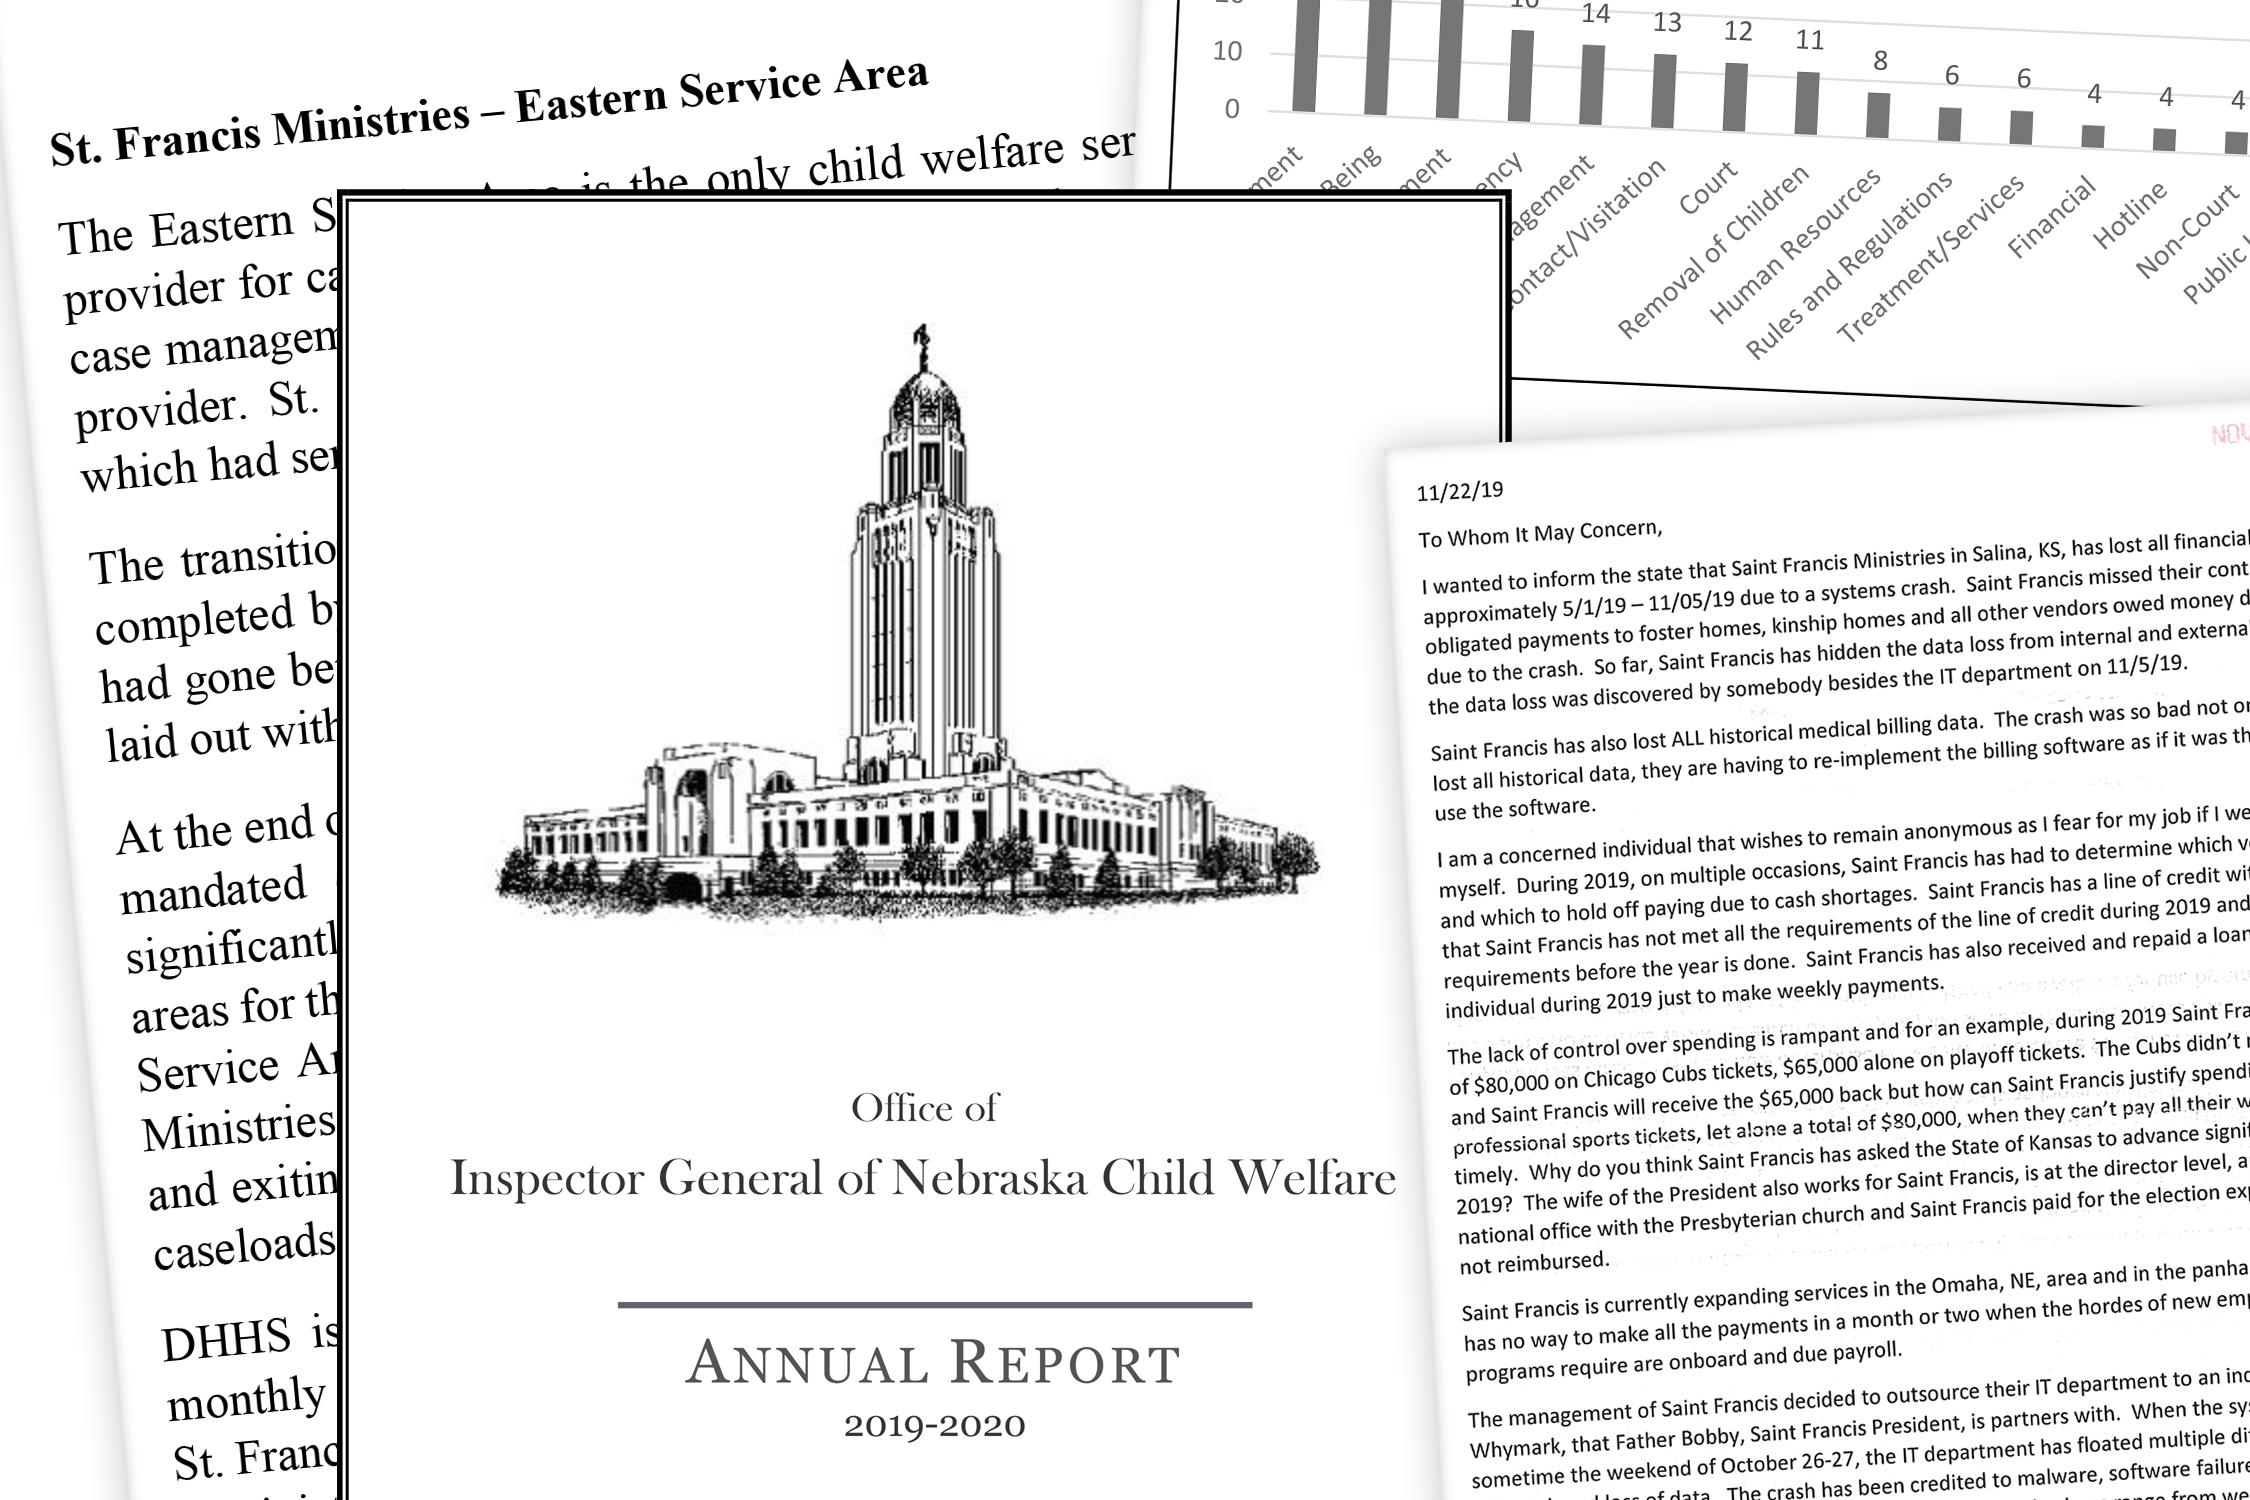 Kansas-based foster care provider's financial turmoil, Cubs tickets amplify concerns in Nebraska